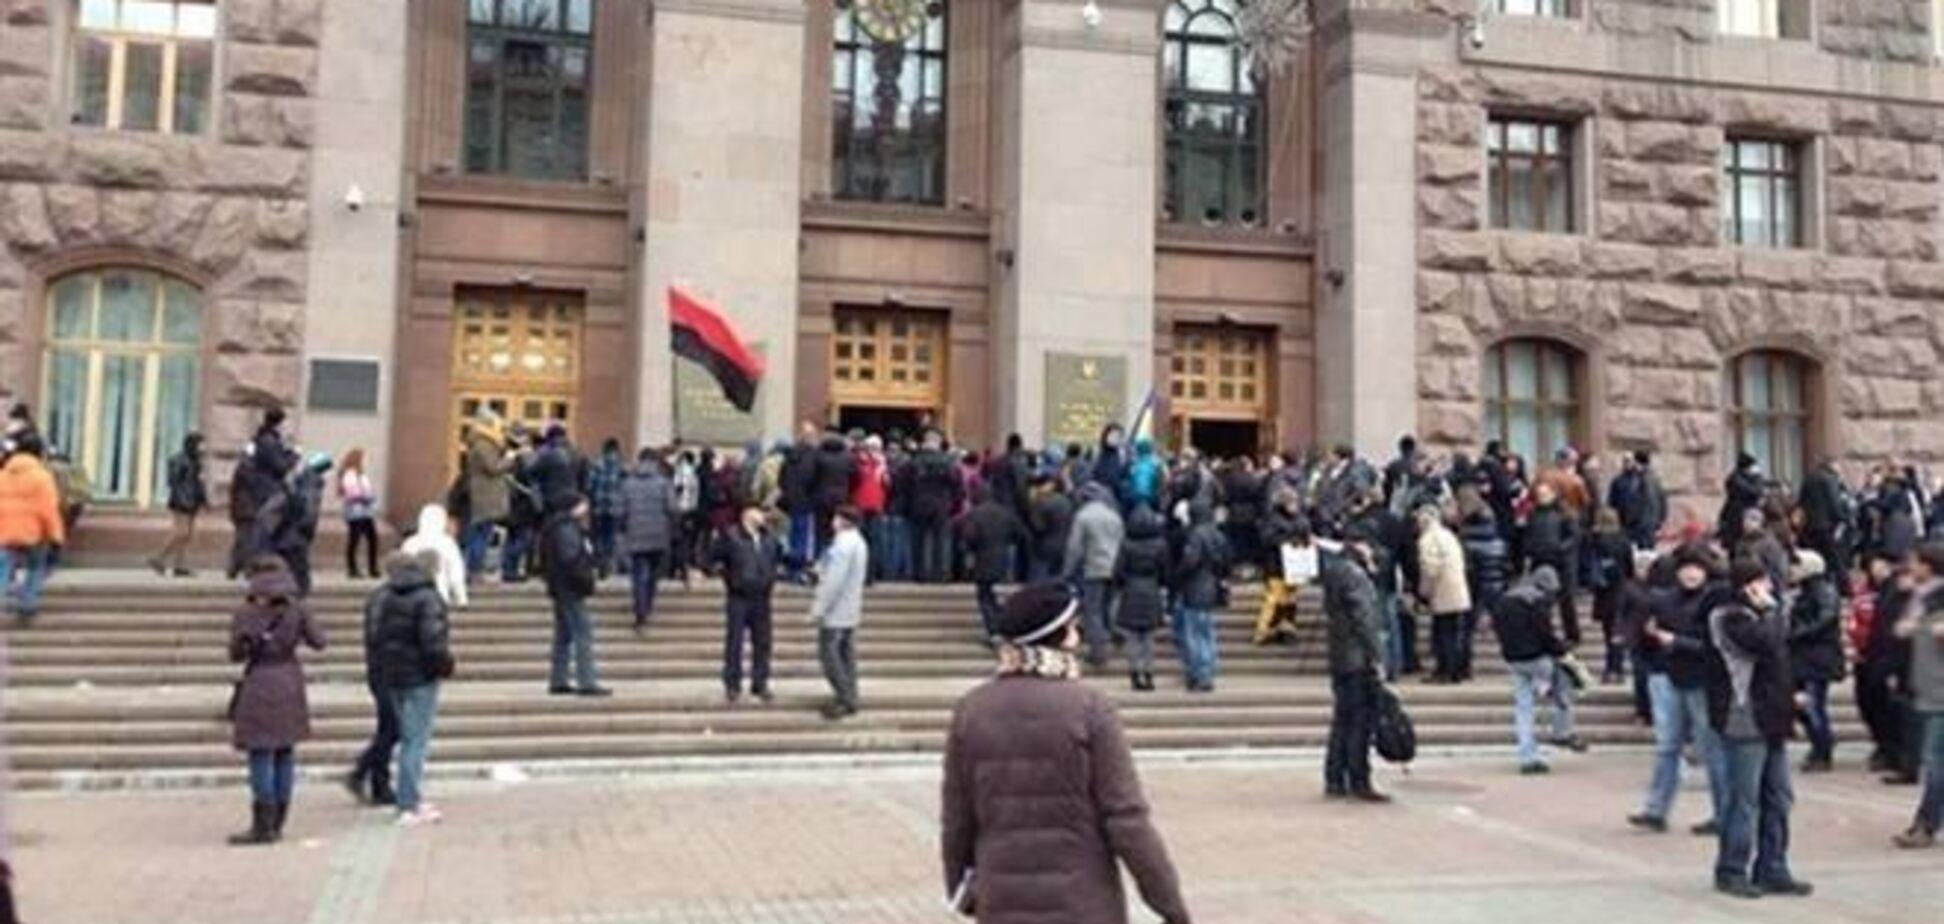 Митингующие в КГГА обжалуют решение суда, обязывающее их покинуть здание